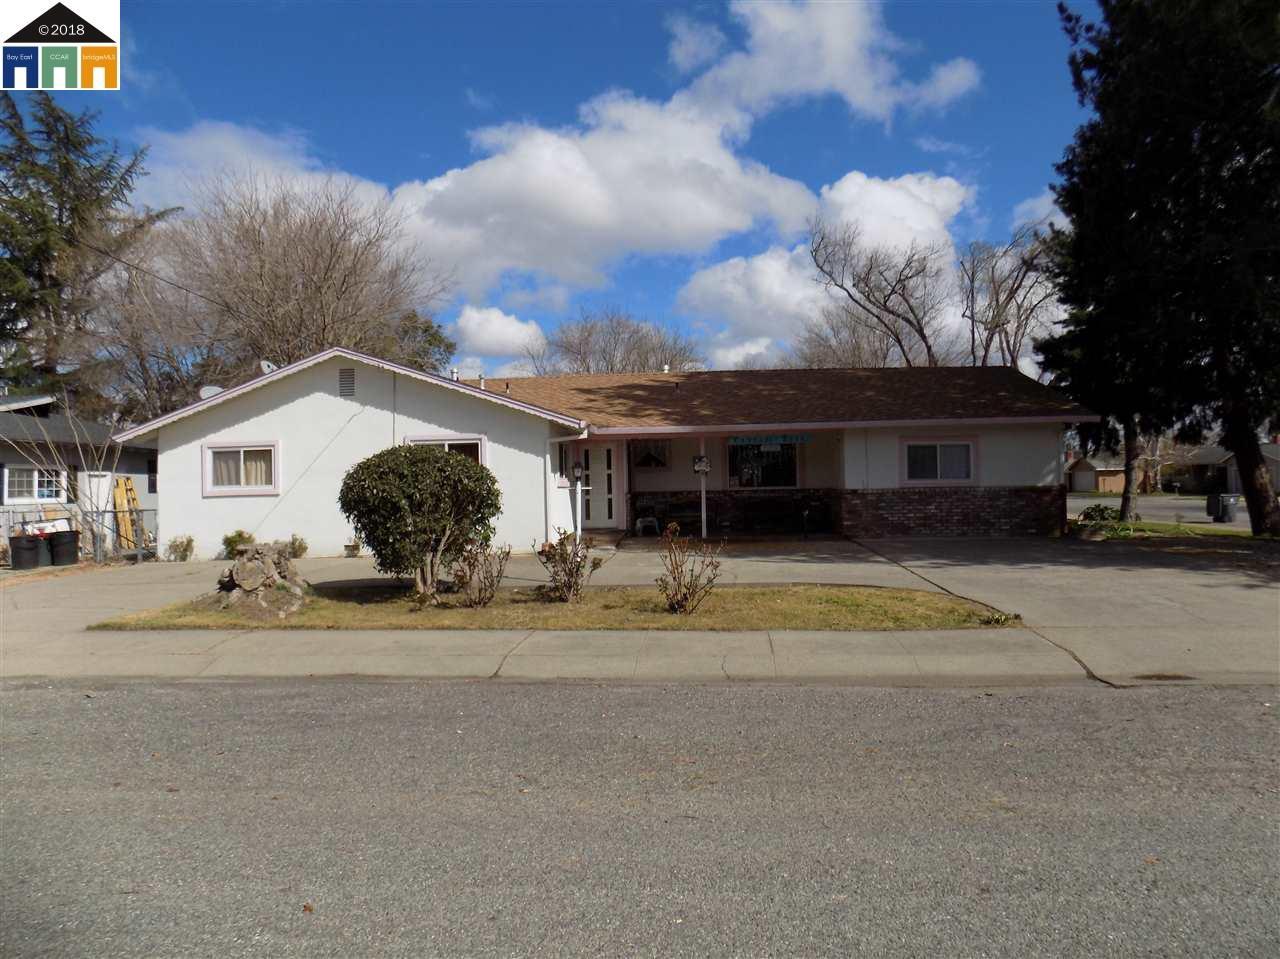 商用 為 出售 在 130 Gurnsey Avenue 130 Gurnsey Avenue Red Bluff, 加利福尼亞州 96080 美國